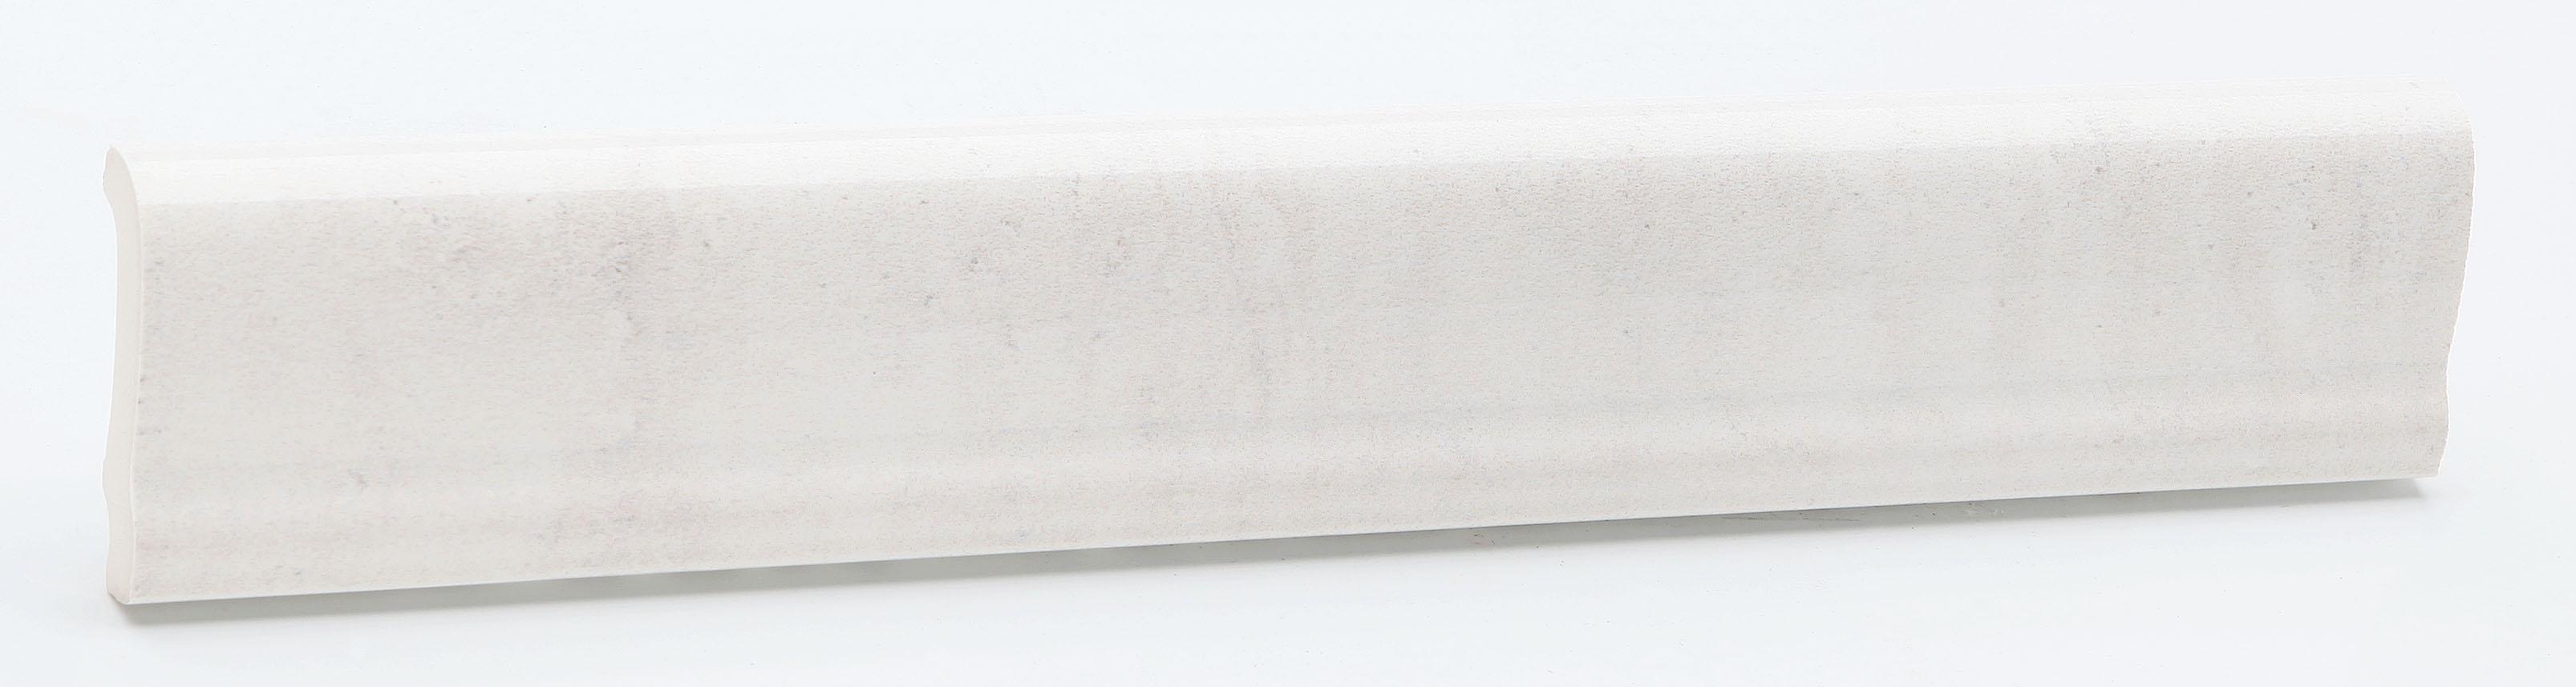 Bordüre 5x31cm Weiss Steingut